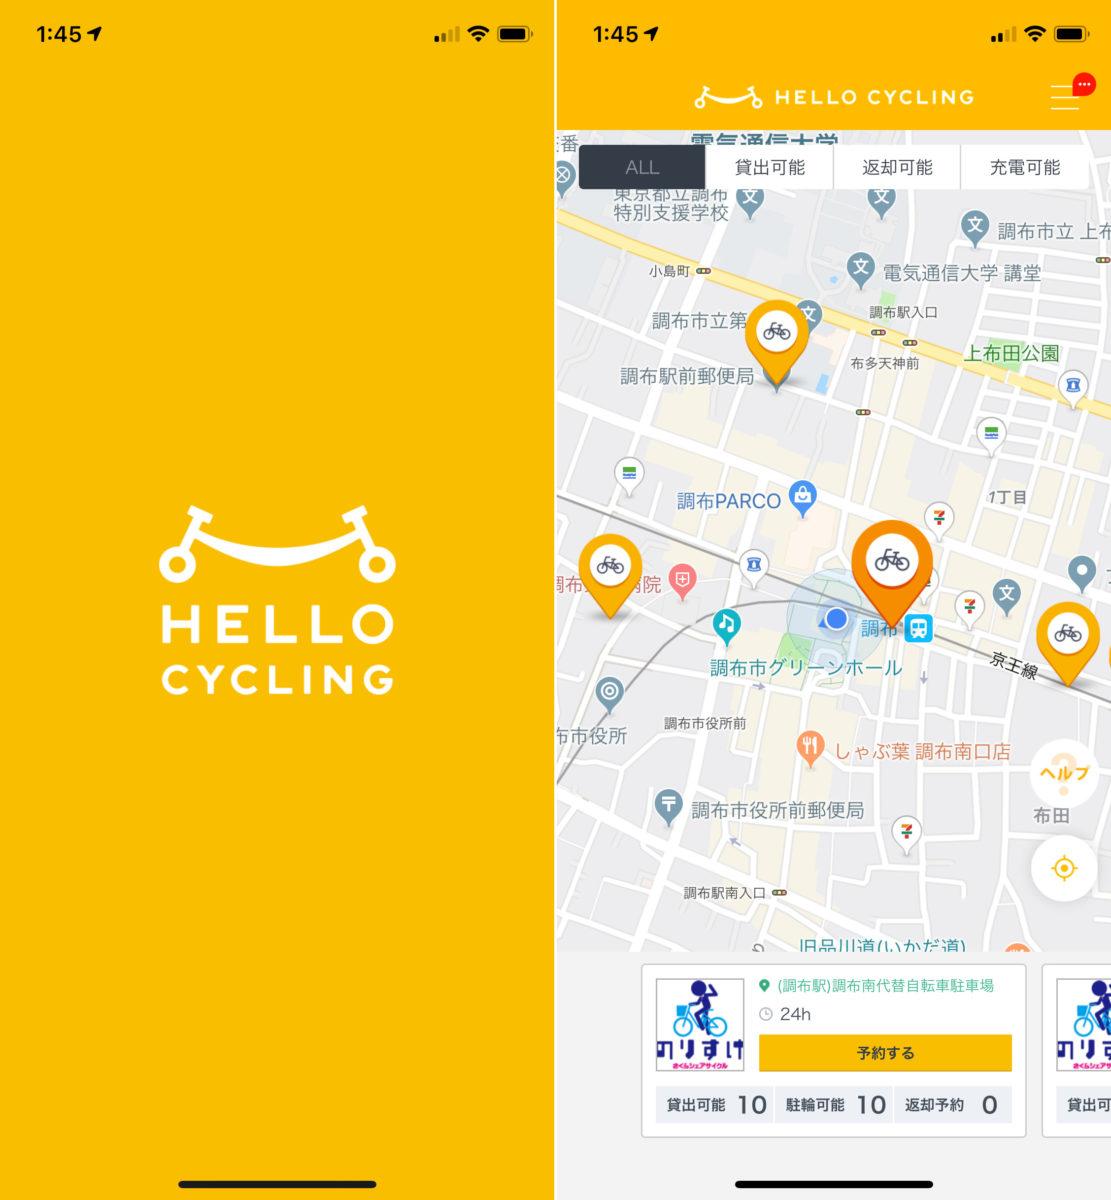 アプリで予約できるシェアサイクル『HELLO CYCLING』